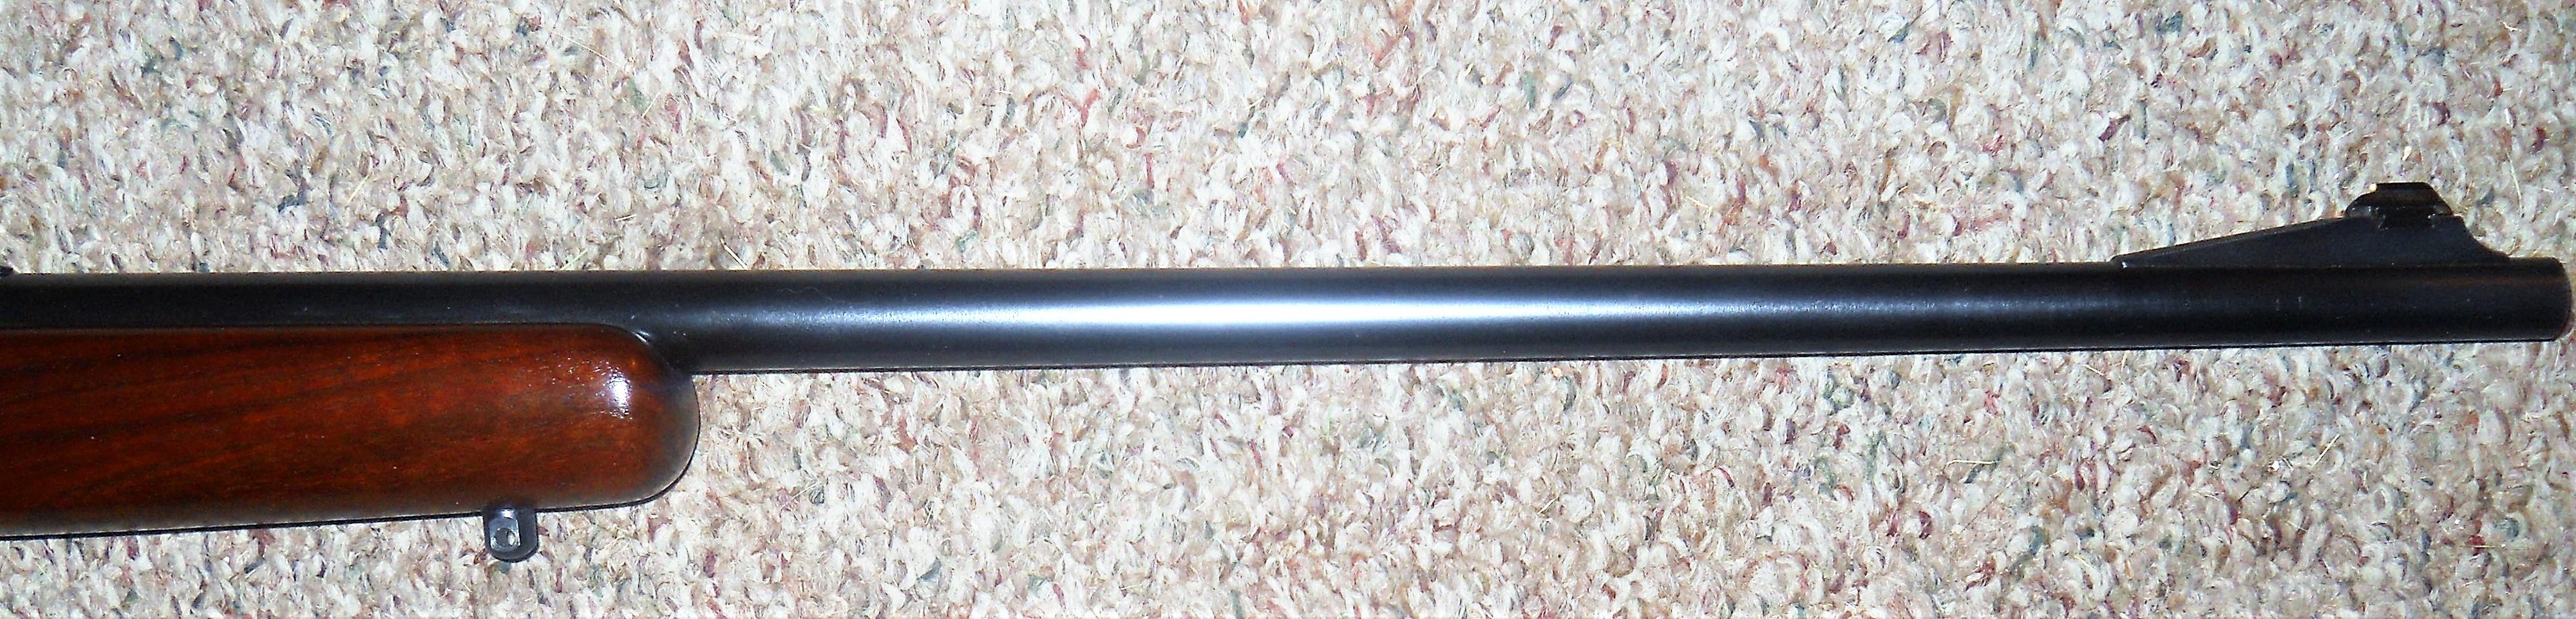 DSCN0557 (2).JPG